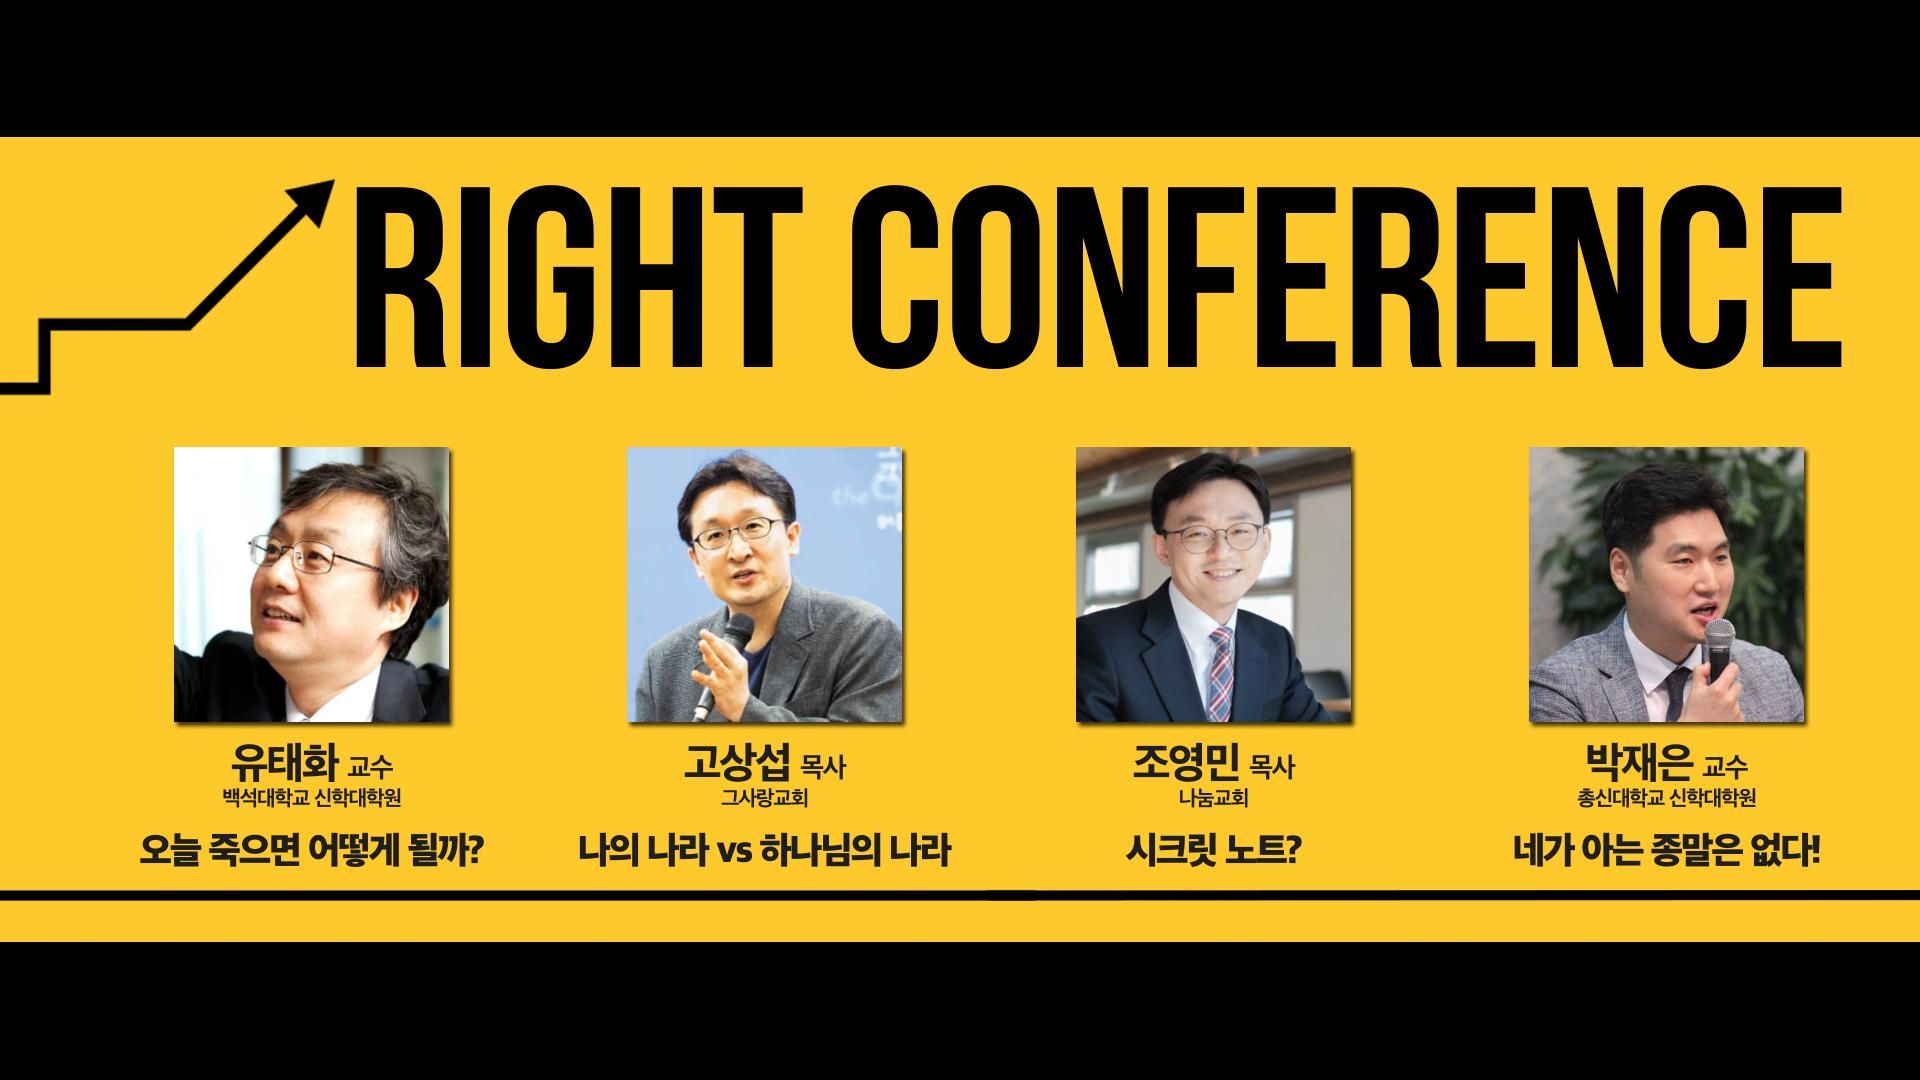 제1회 Right Conference: 영광스러운 종말 1차 예고편